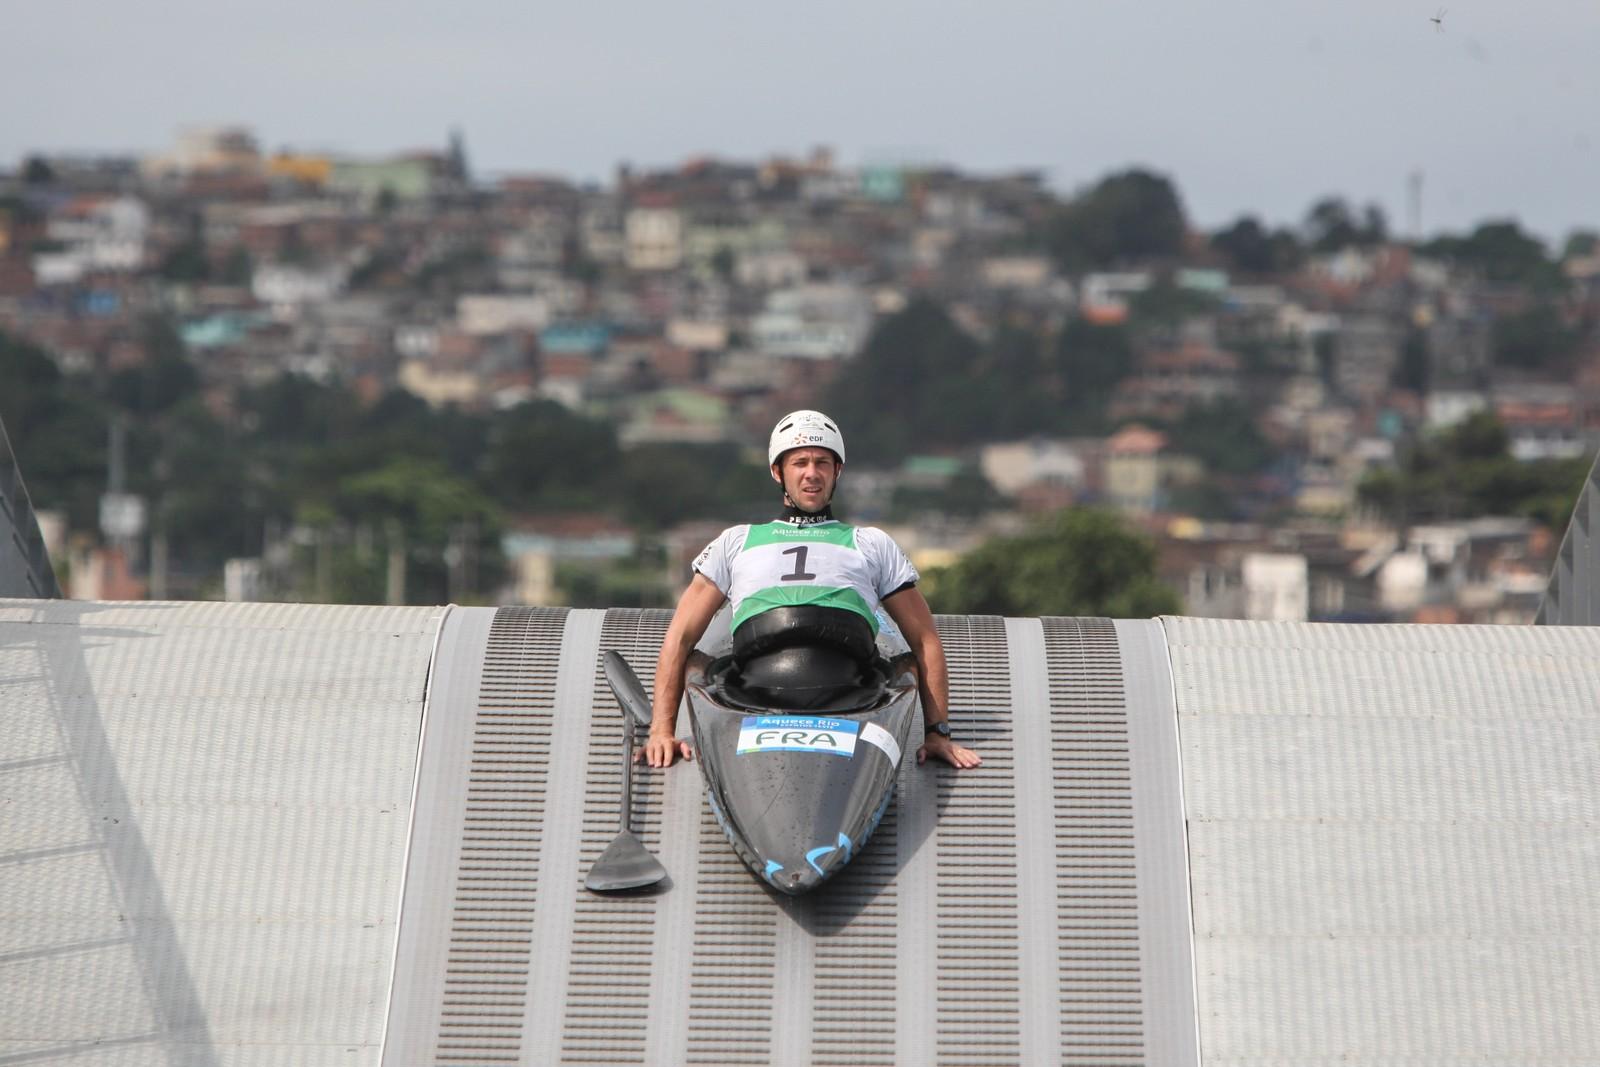 Slalom med kano. Det skal det konkurreres i under OL i Rio neste år. Den ferske grenen var en av flere som ble vist fram under et forhåndsarrangement denne uka.